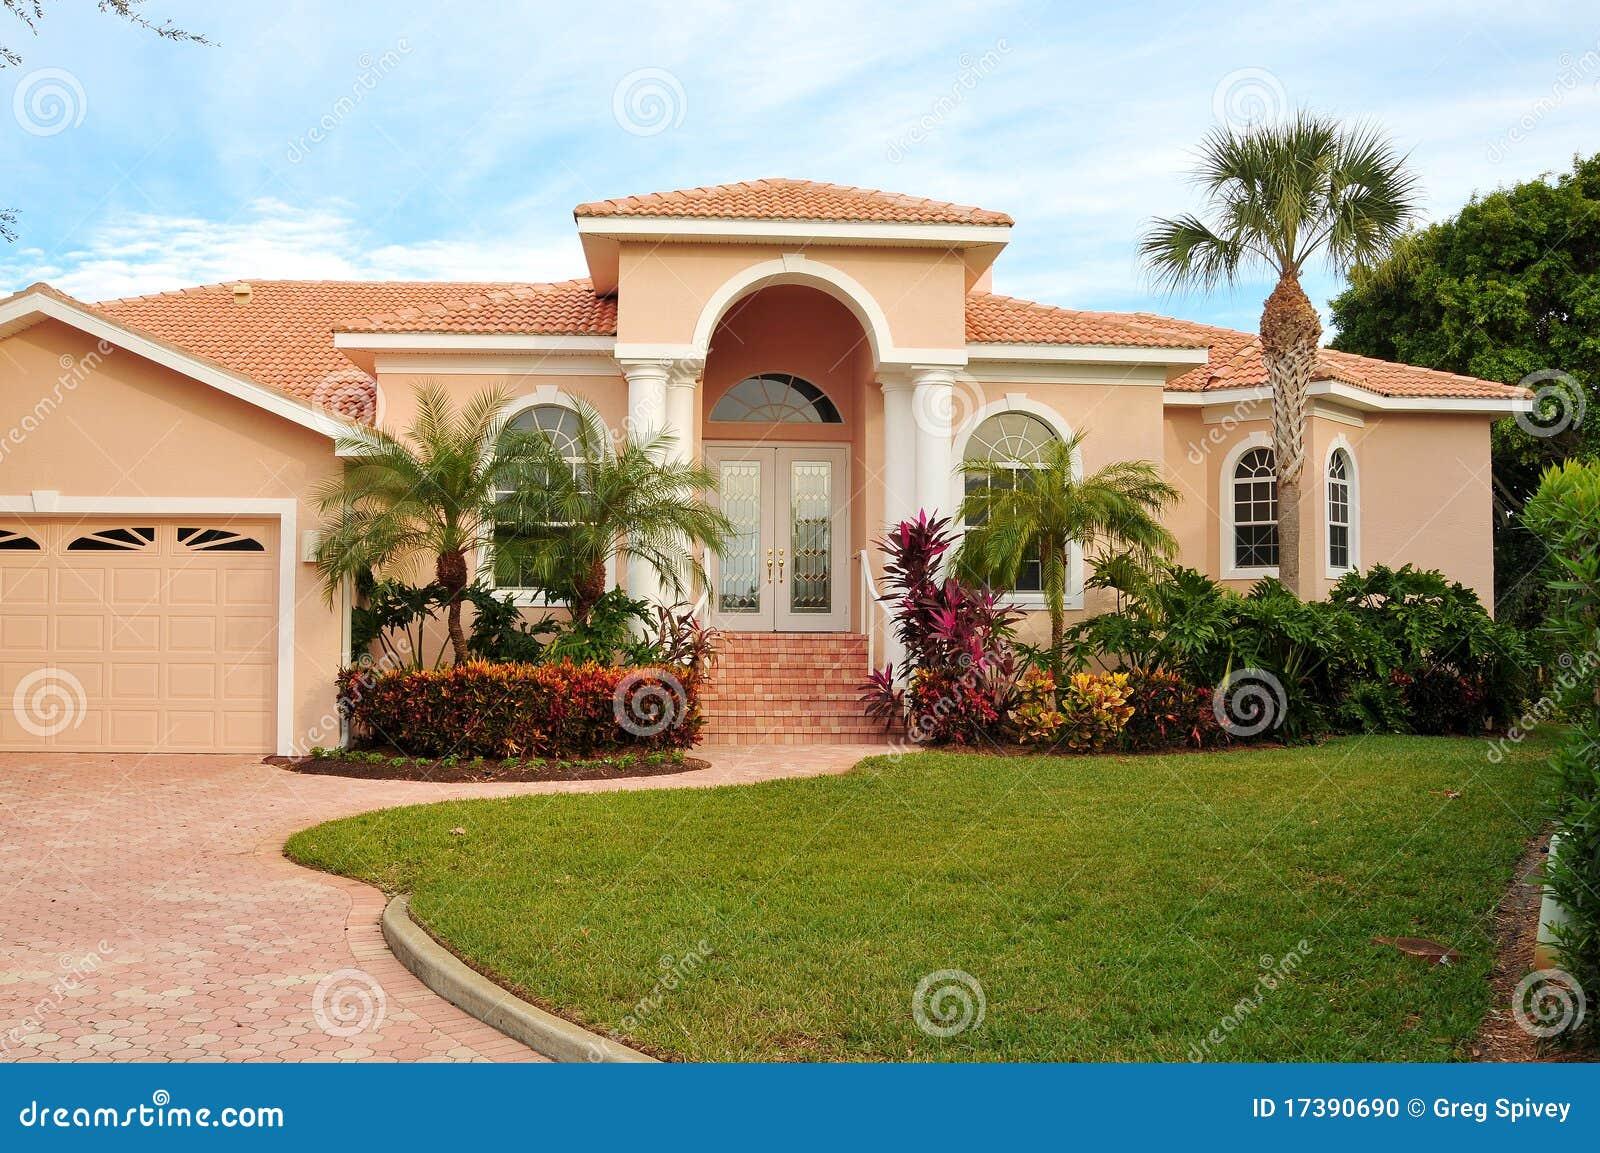 Casa exclusiva con ajardinar tropical lujoso foto de - Entradas para casas ...